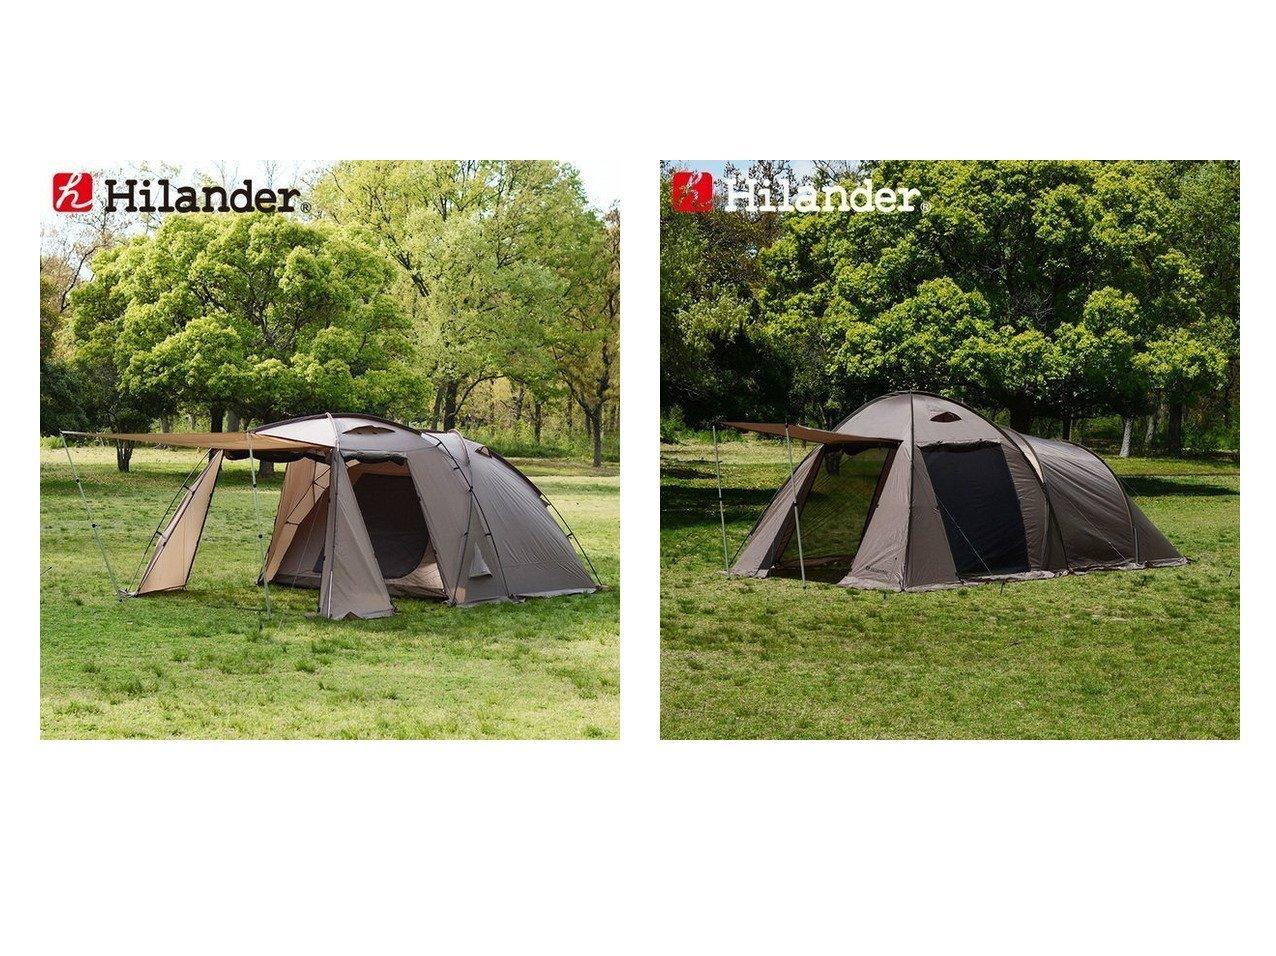 【Hilander/ハイランダー】のアルミフレーム2ルームテント スタートパッケージ 500270&アルミフレーム2ルームテント スタートパッケージ 520300 【テント】おすすめ!人気キャンプ・アウトドア用品の通販 おすすめで人気の流行・トレンド、ファッションの通販商品 インテリア・家具・メンズファッション・キッズファッション・レディースファッション・服の通販 founy(ファニー) https://founy.com/ フレーム ホーム・キャンプ・アウトドア Home,Garden,Outdoor,Camping Gear キャンプ用品・アウトドア  Camping Gear & Outdoor Supplies テント タープ Tents, Tarp  ID:crp329100000051150